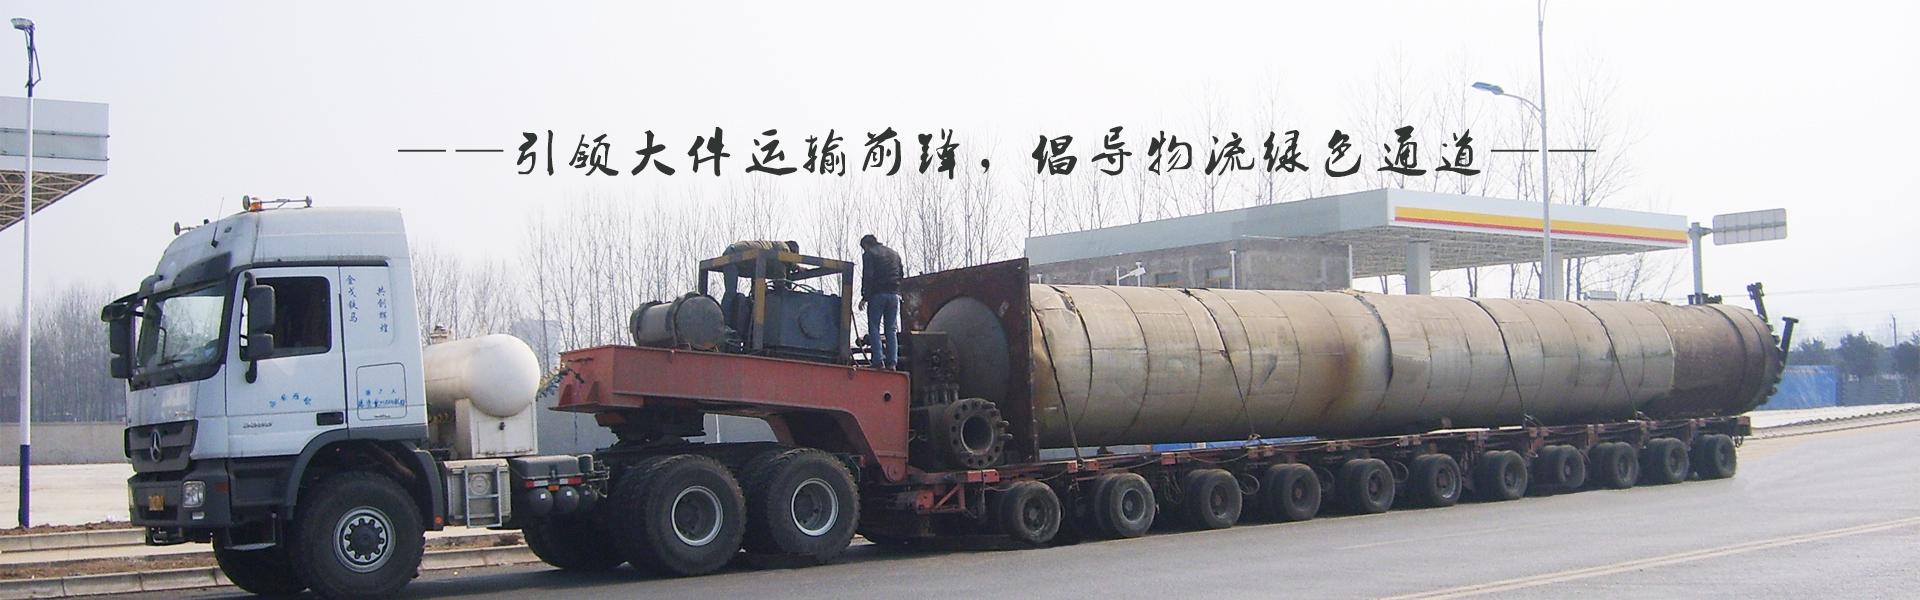 陕西大件运输